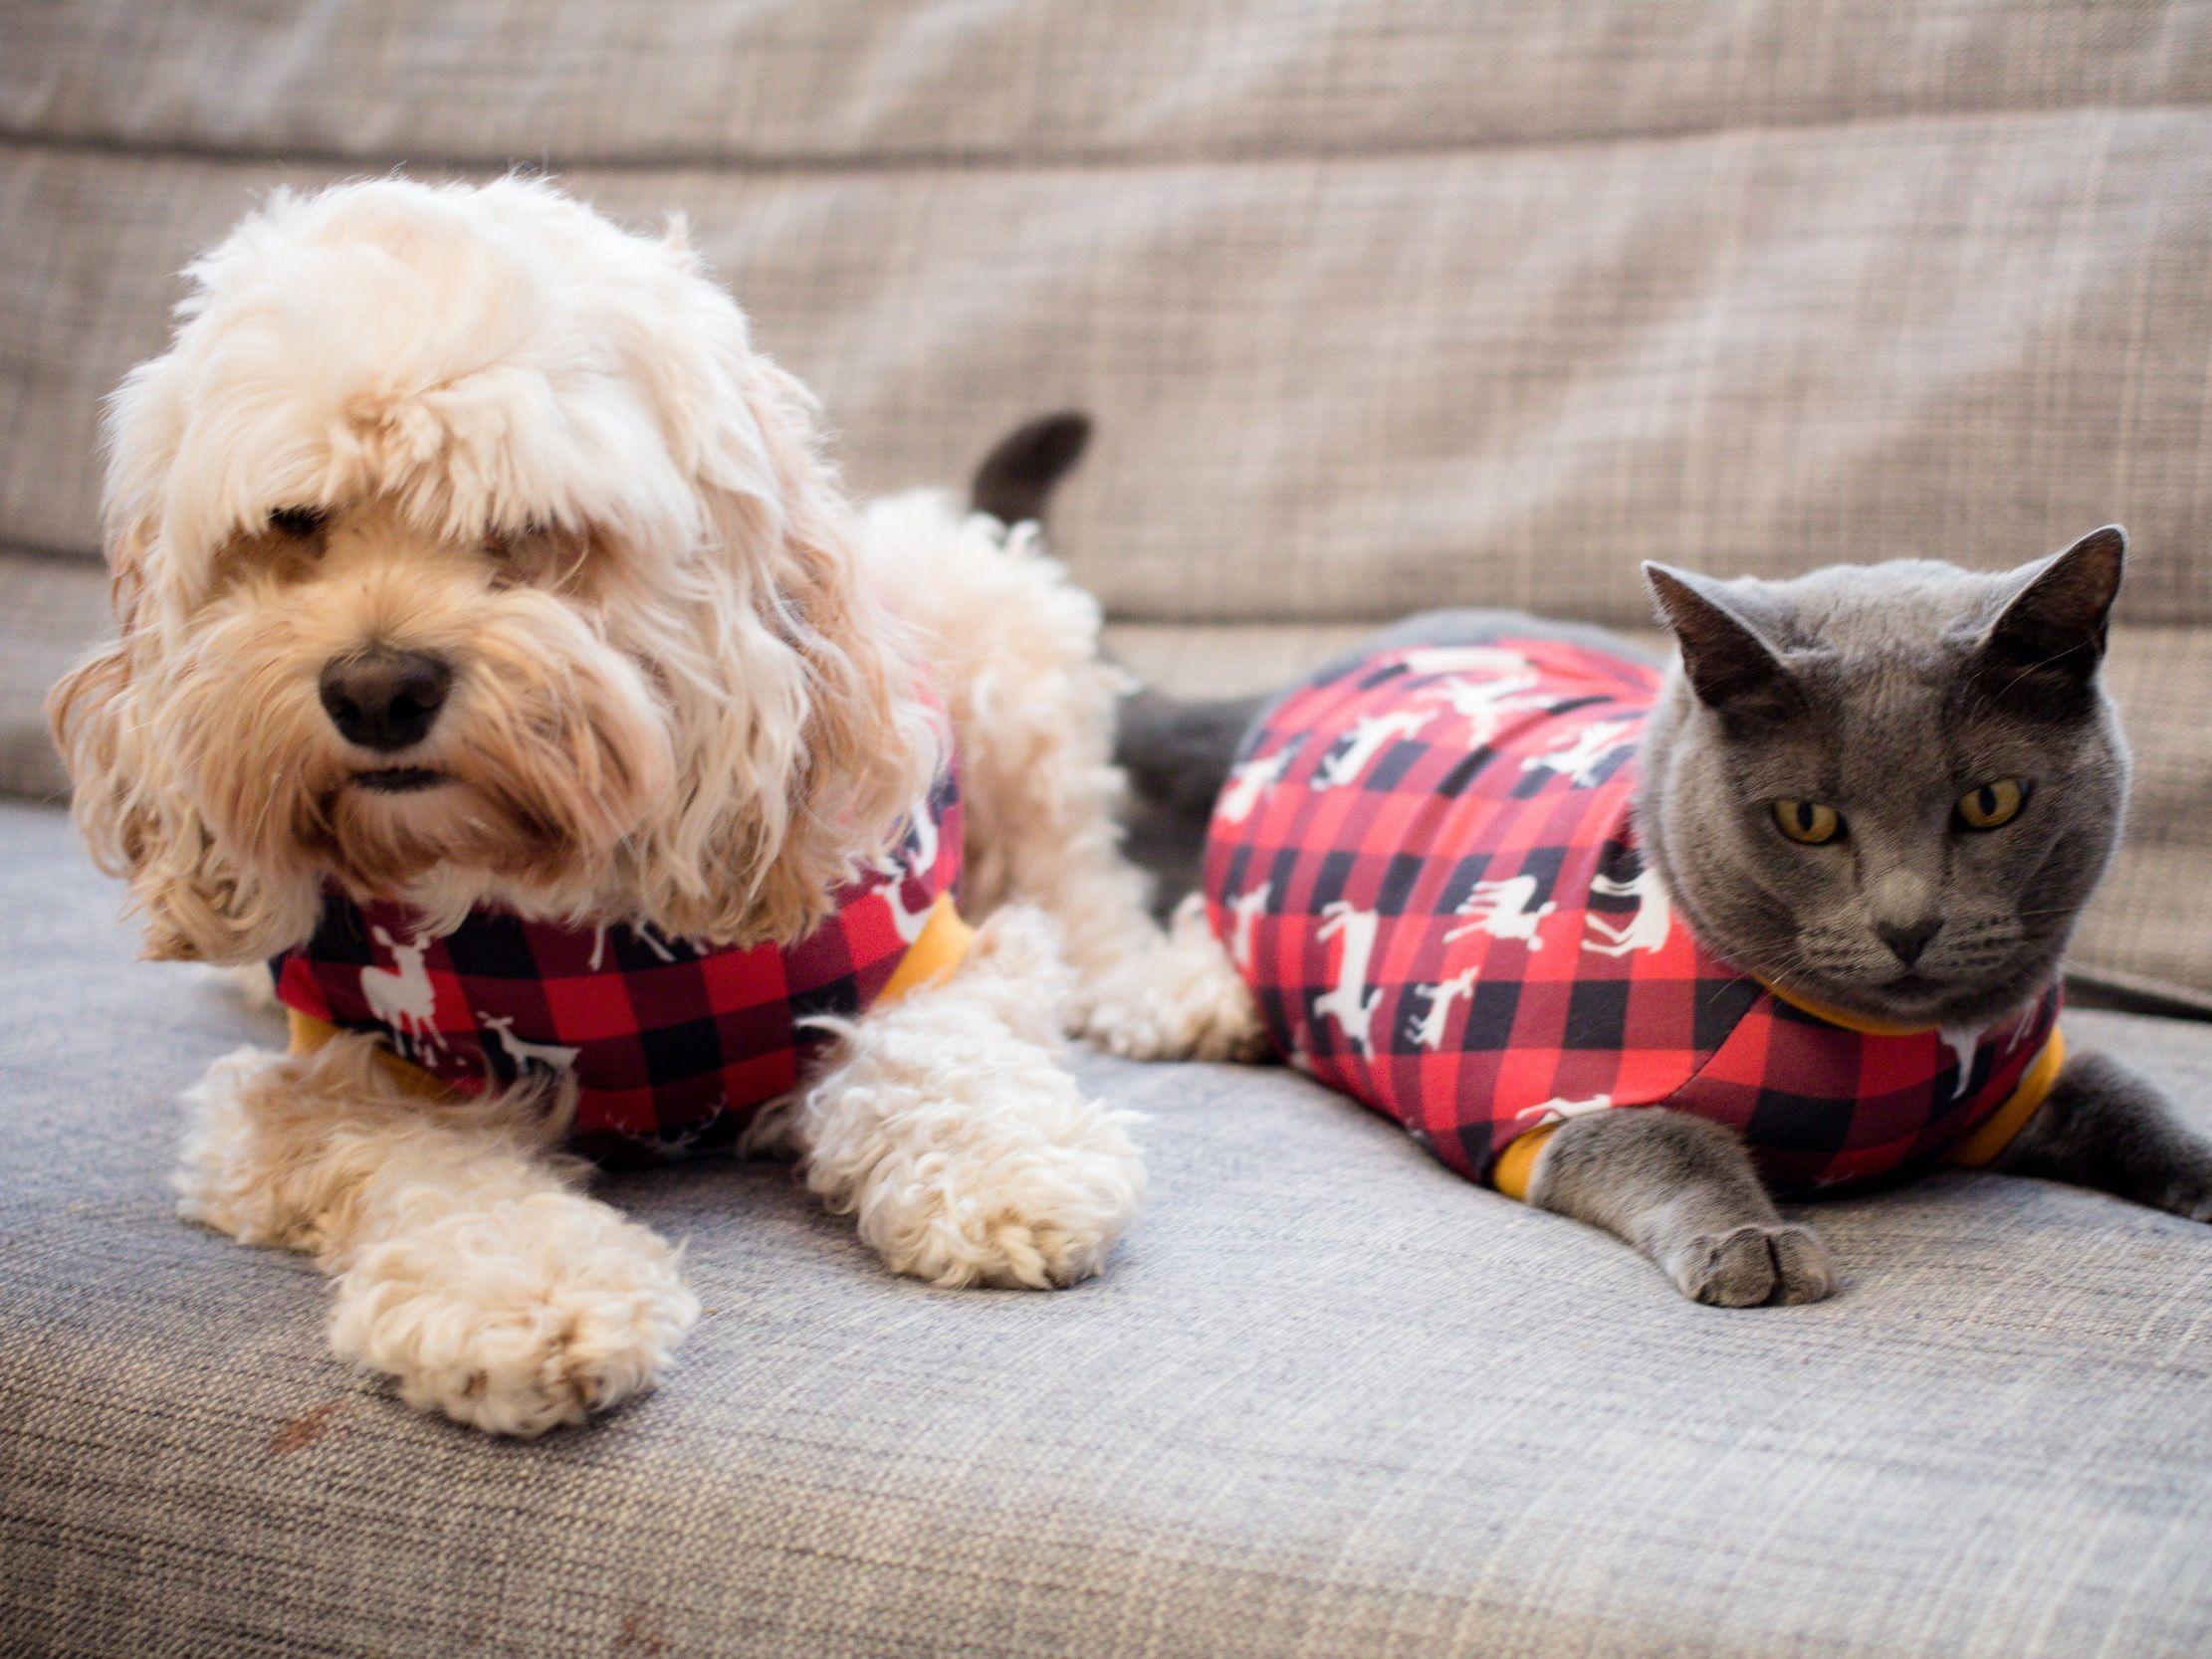 Sew A Little Seam Pet Movie Night Pajamas Night Pajama Pets Movie Pets